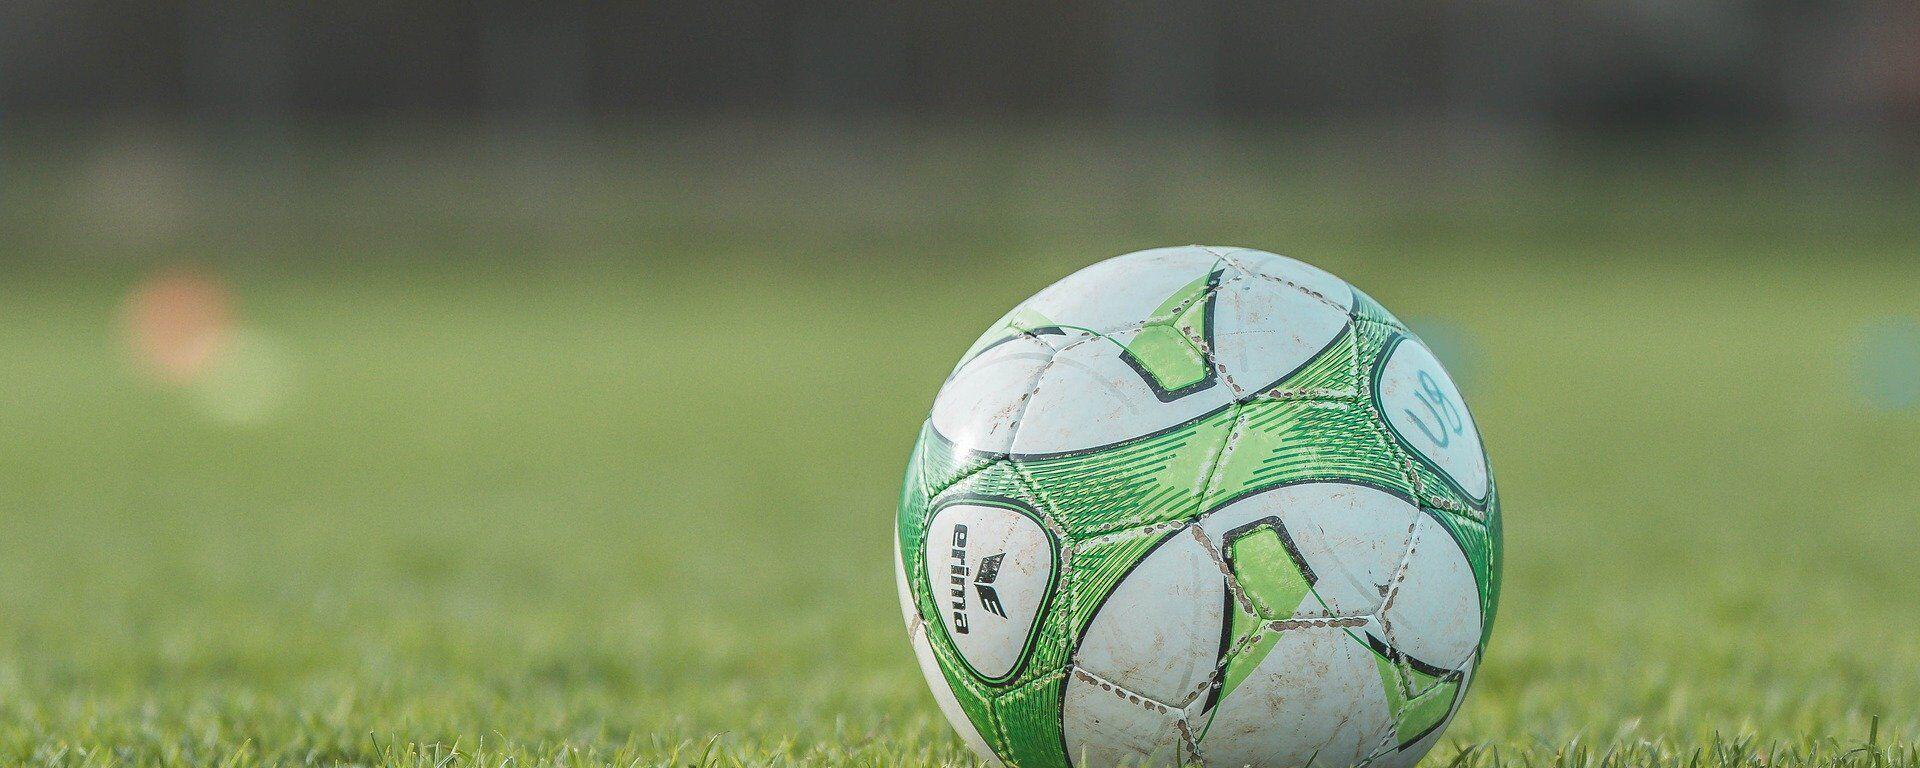 Pelota de fútbol (imagen referencial) - Sputnik Mundo, 1920, 24.05.2021